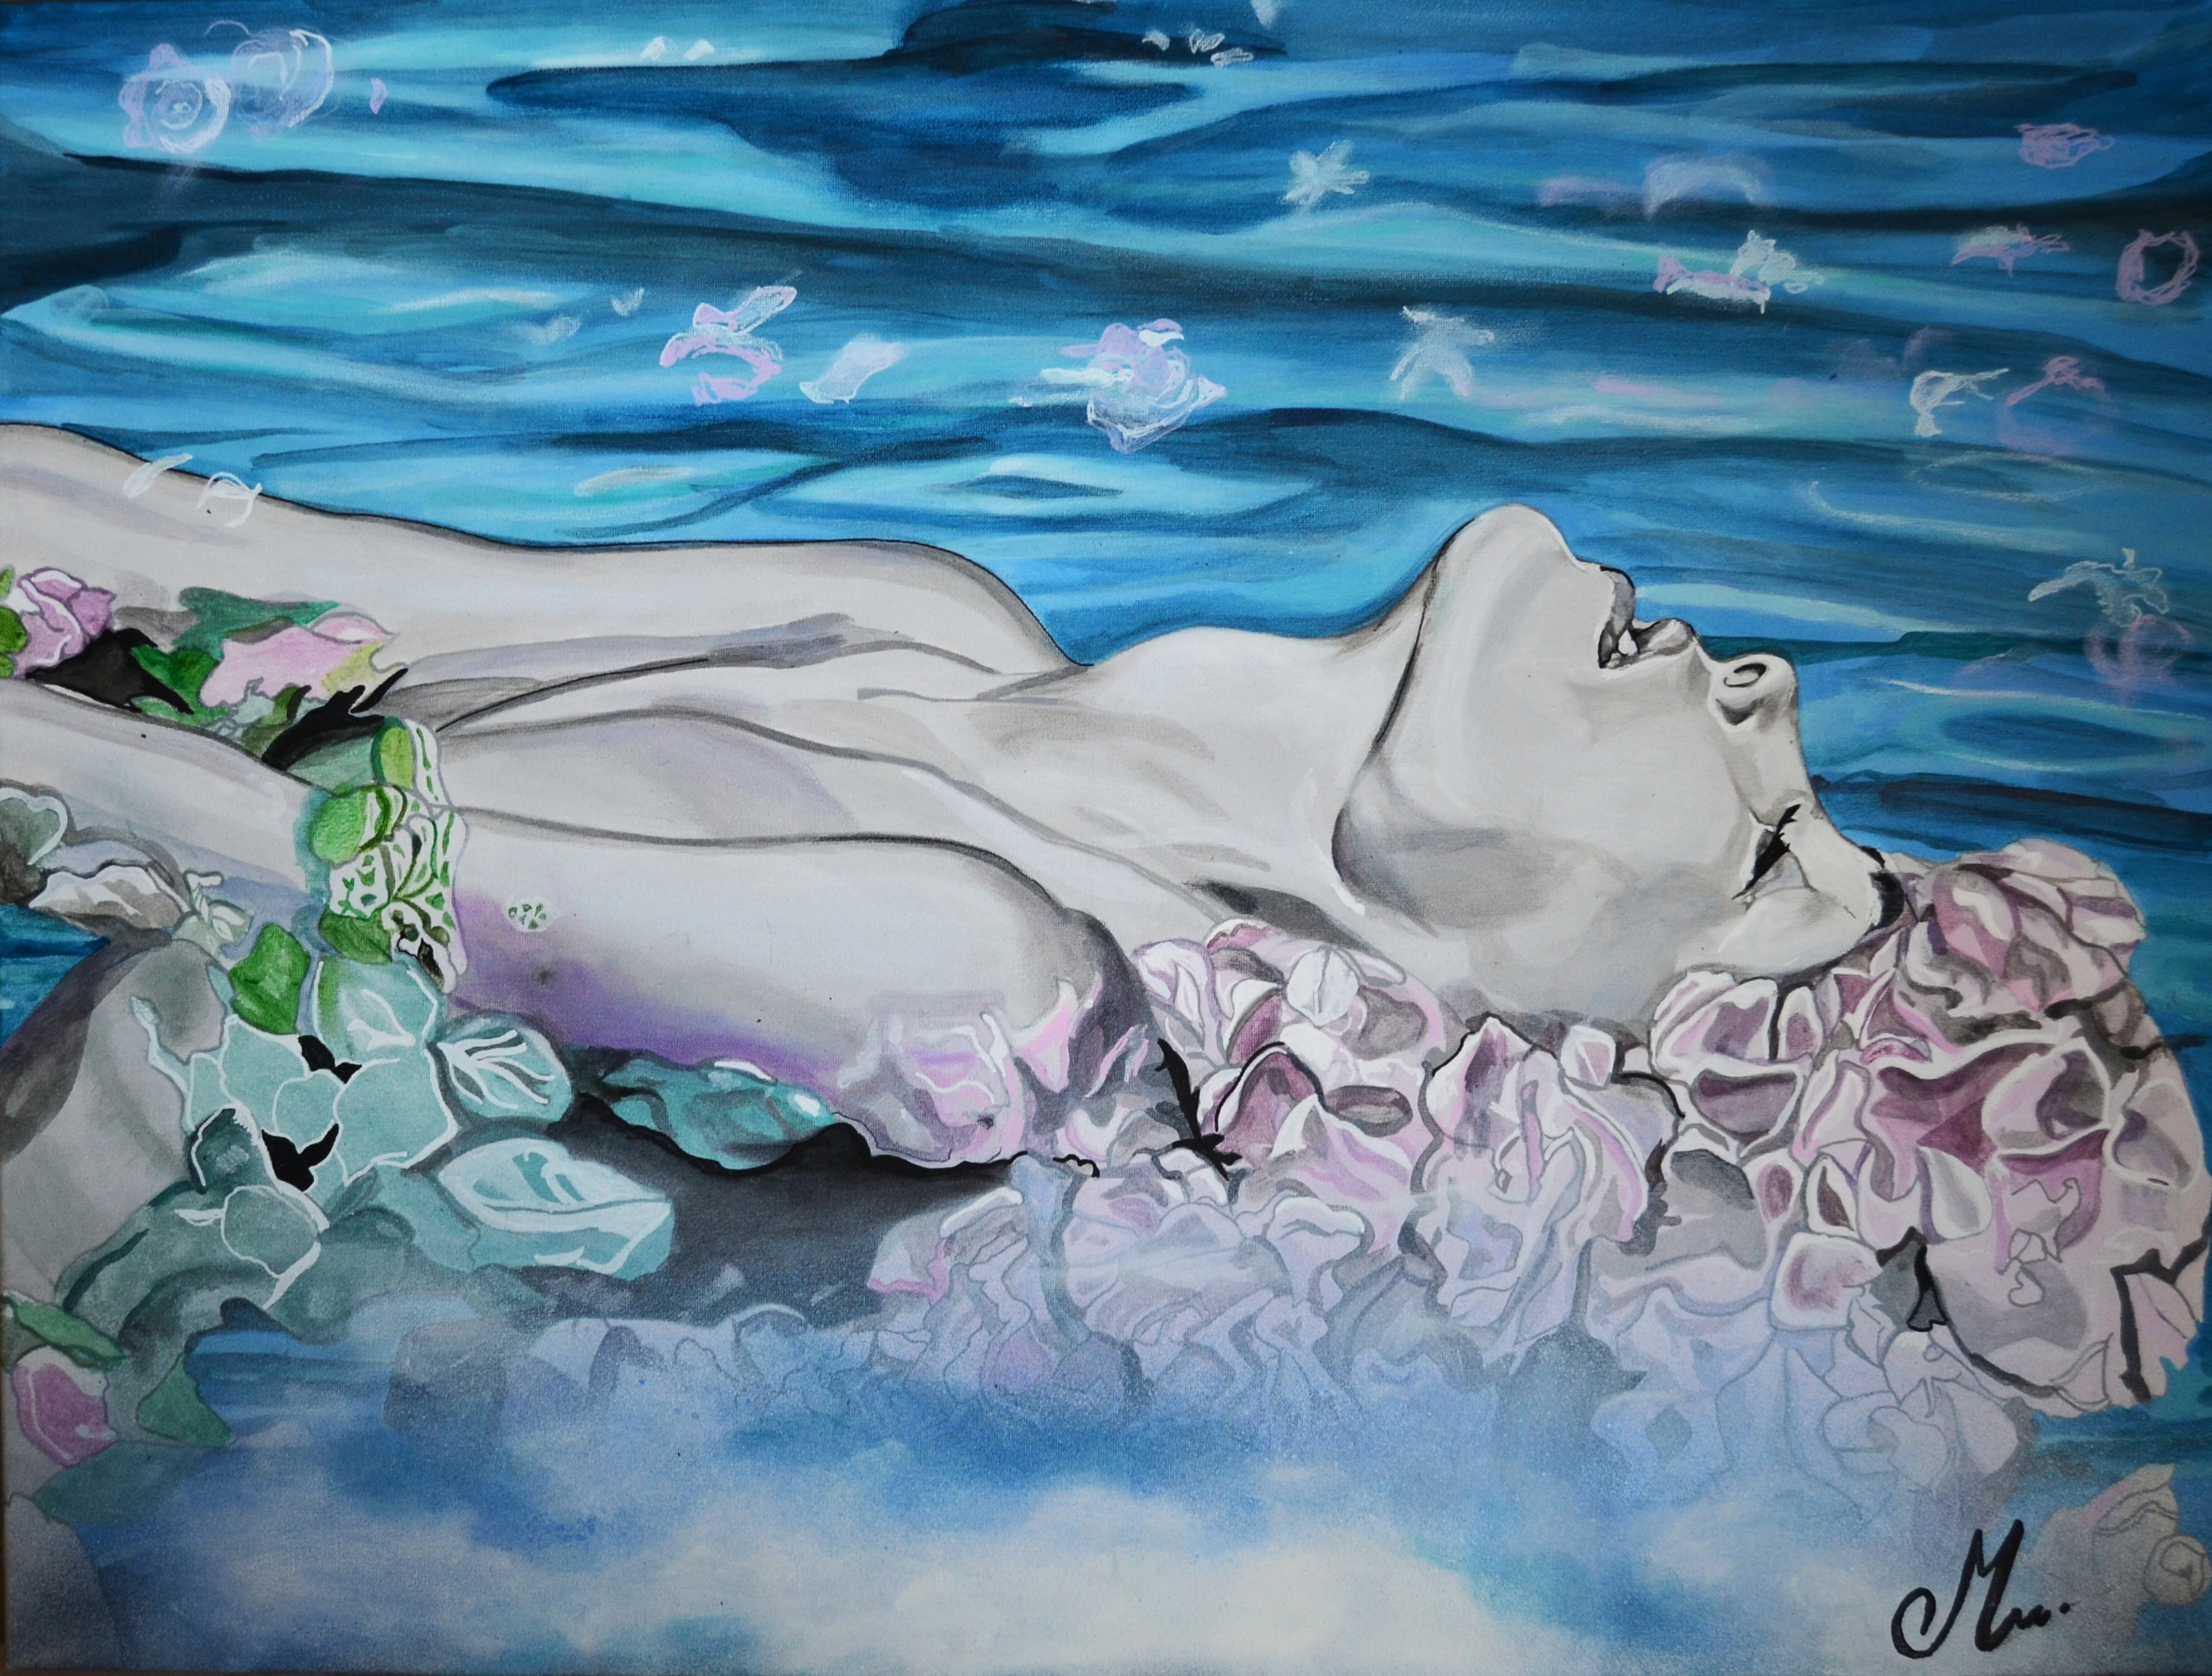 affiche au fil de l'eau art artiste contemporain femme fleur